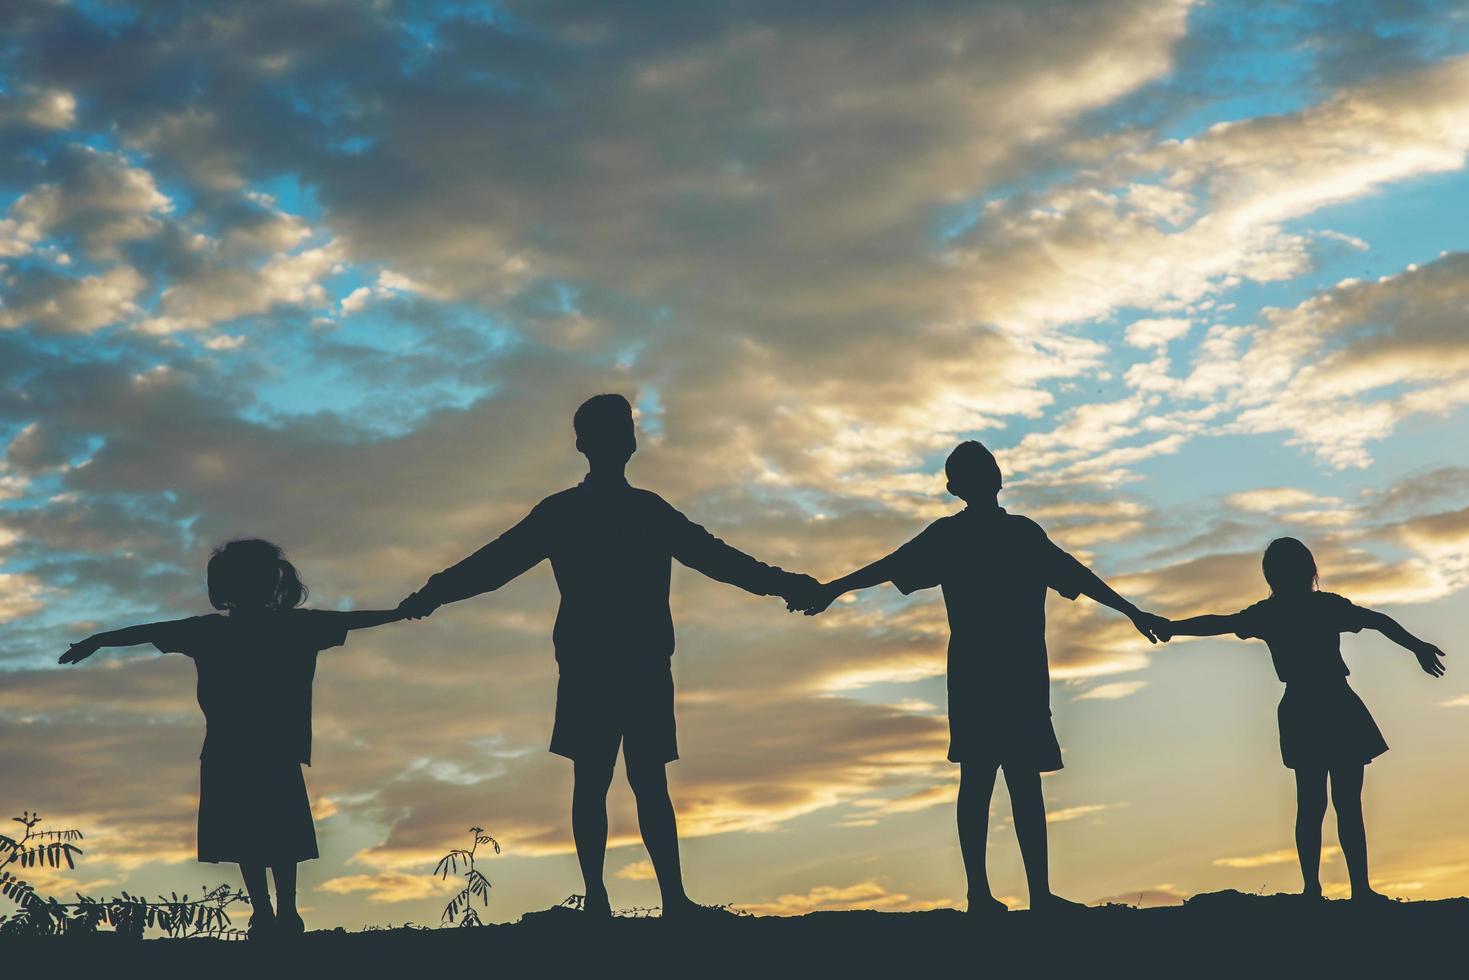 zonsondergang silhouet van spelende kinderen foto